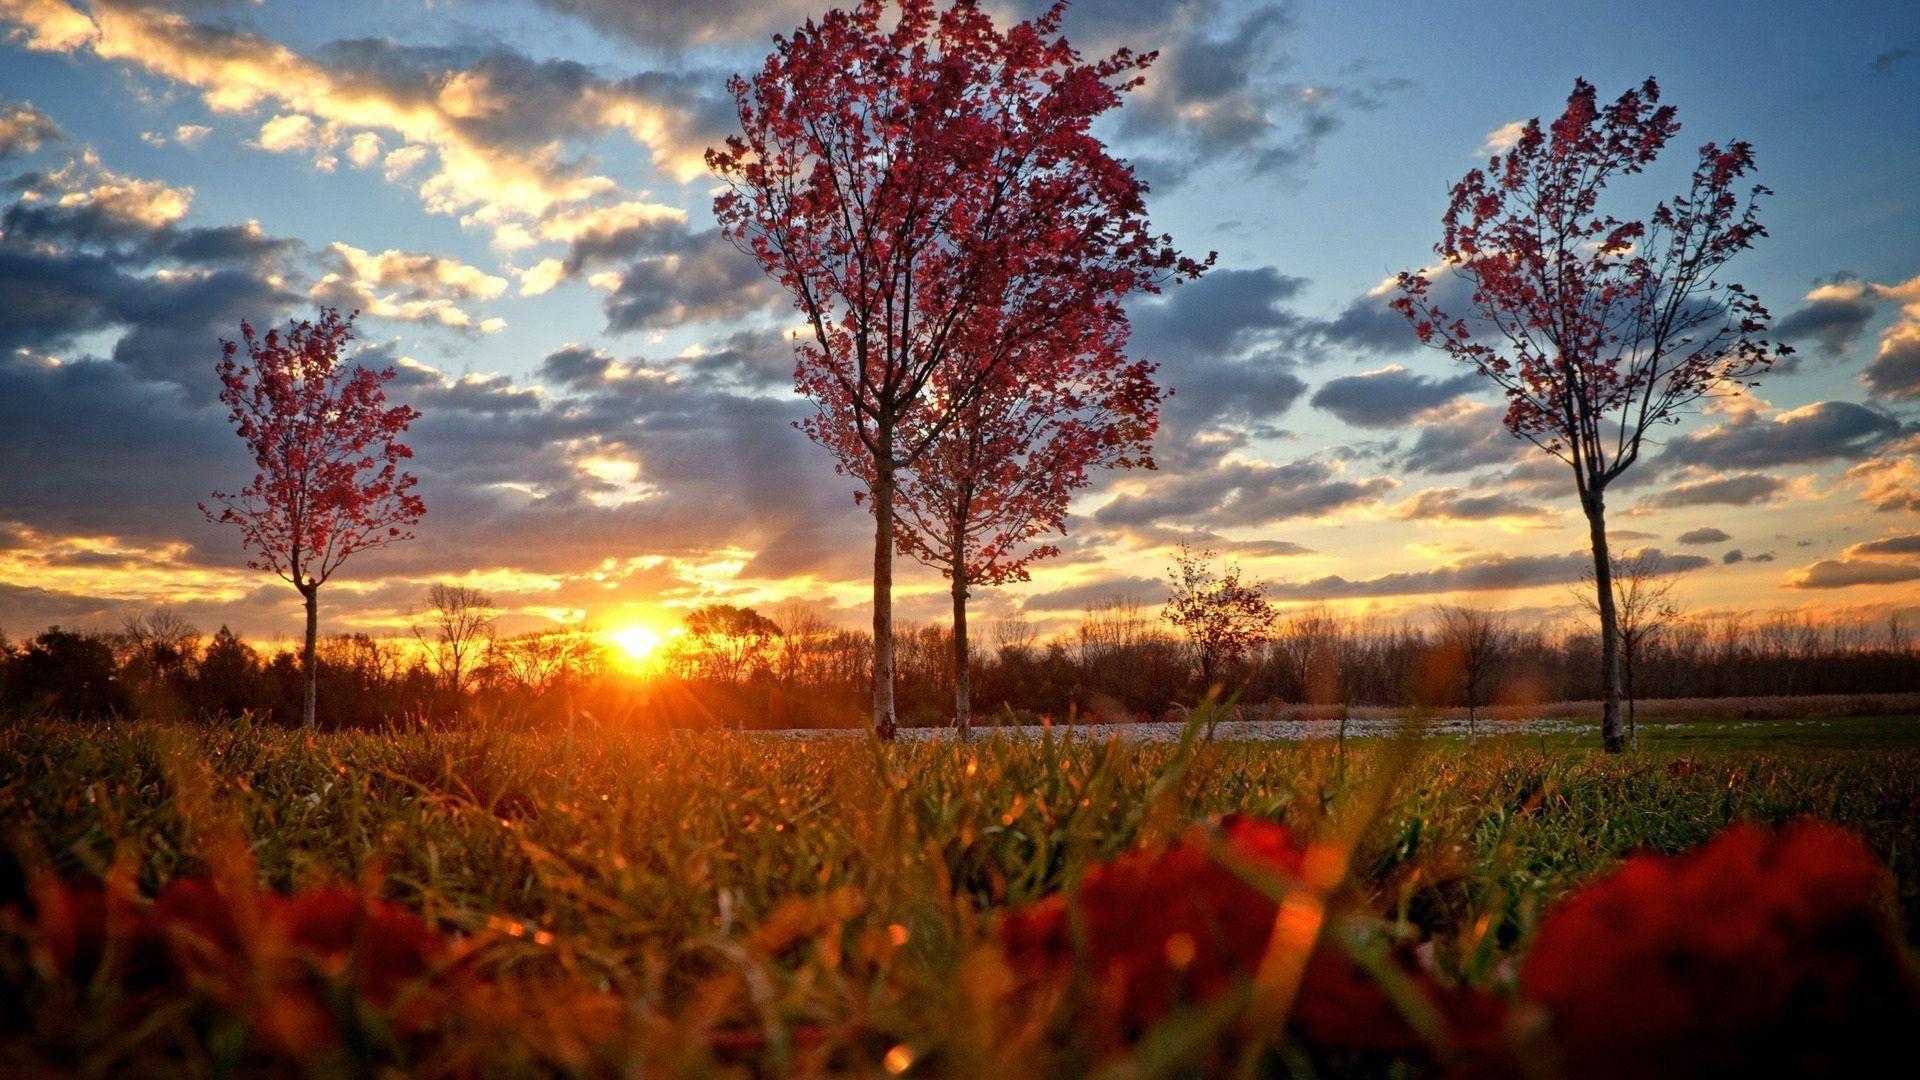 ... phong cách cùng chất lượng full HD mang đến cho bạn những hình ảnh sắc nét nhất. Cùng chiêm ngưỡng và tải hình ảnh đẹp của mùa thu về máy ngay thôi!!!